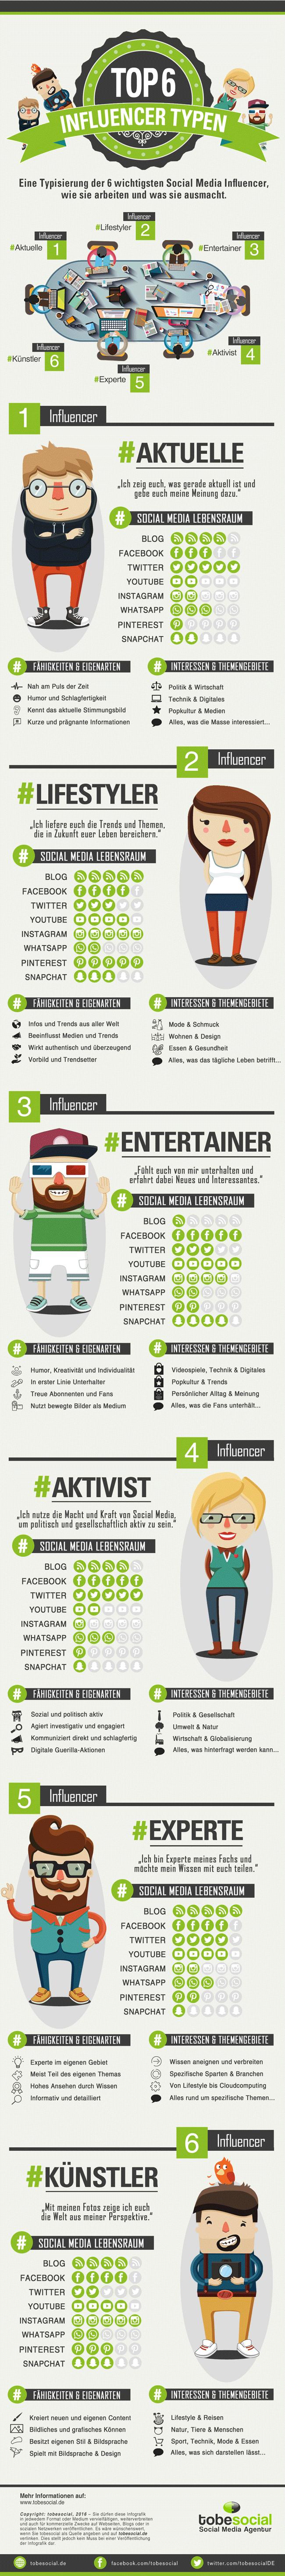 Infografik-influencer-marketing-social-media